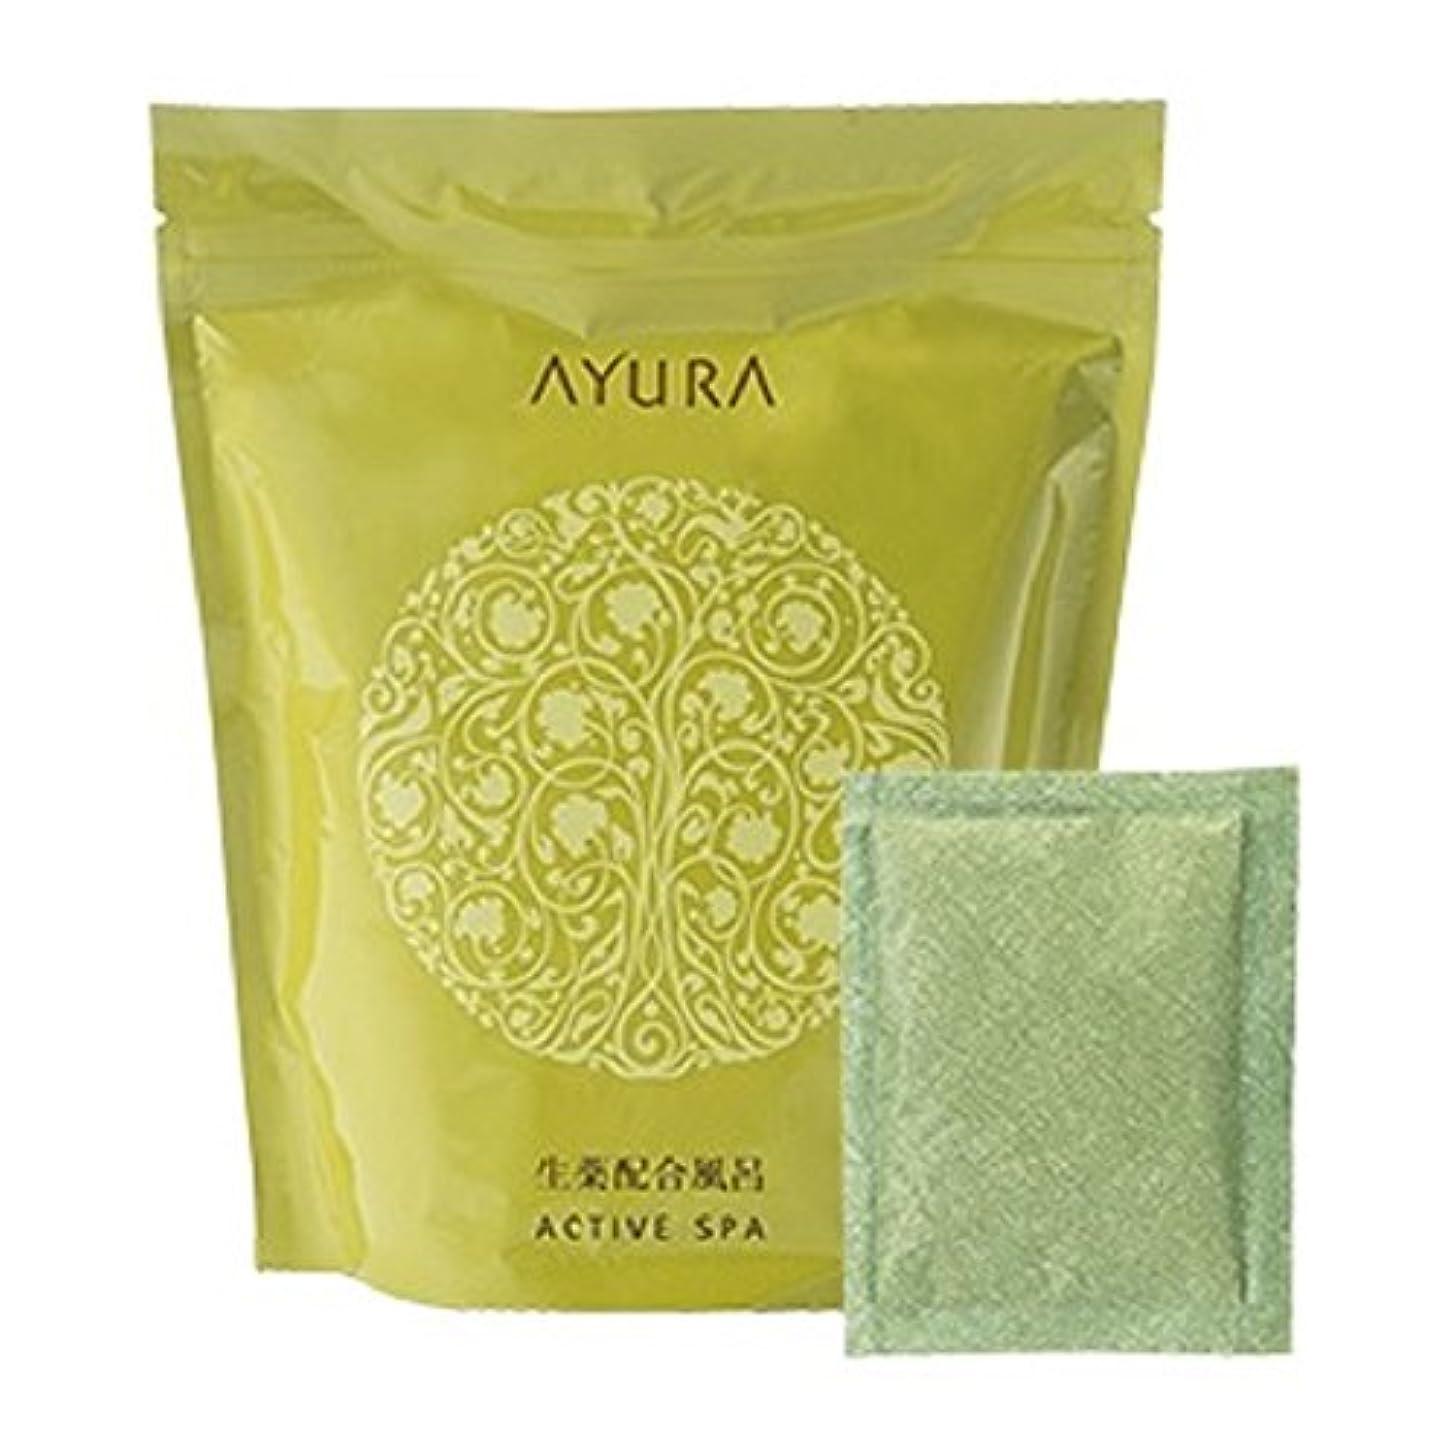 新着タワールーフアユーラ (AYURA) アクティブスパα 30g 10包入 (医薬部外品) 〈薬用 入浴剤〉